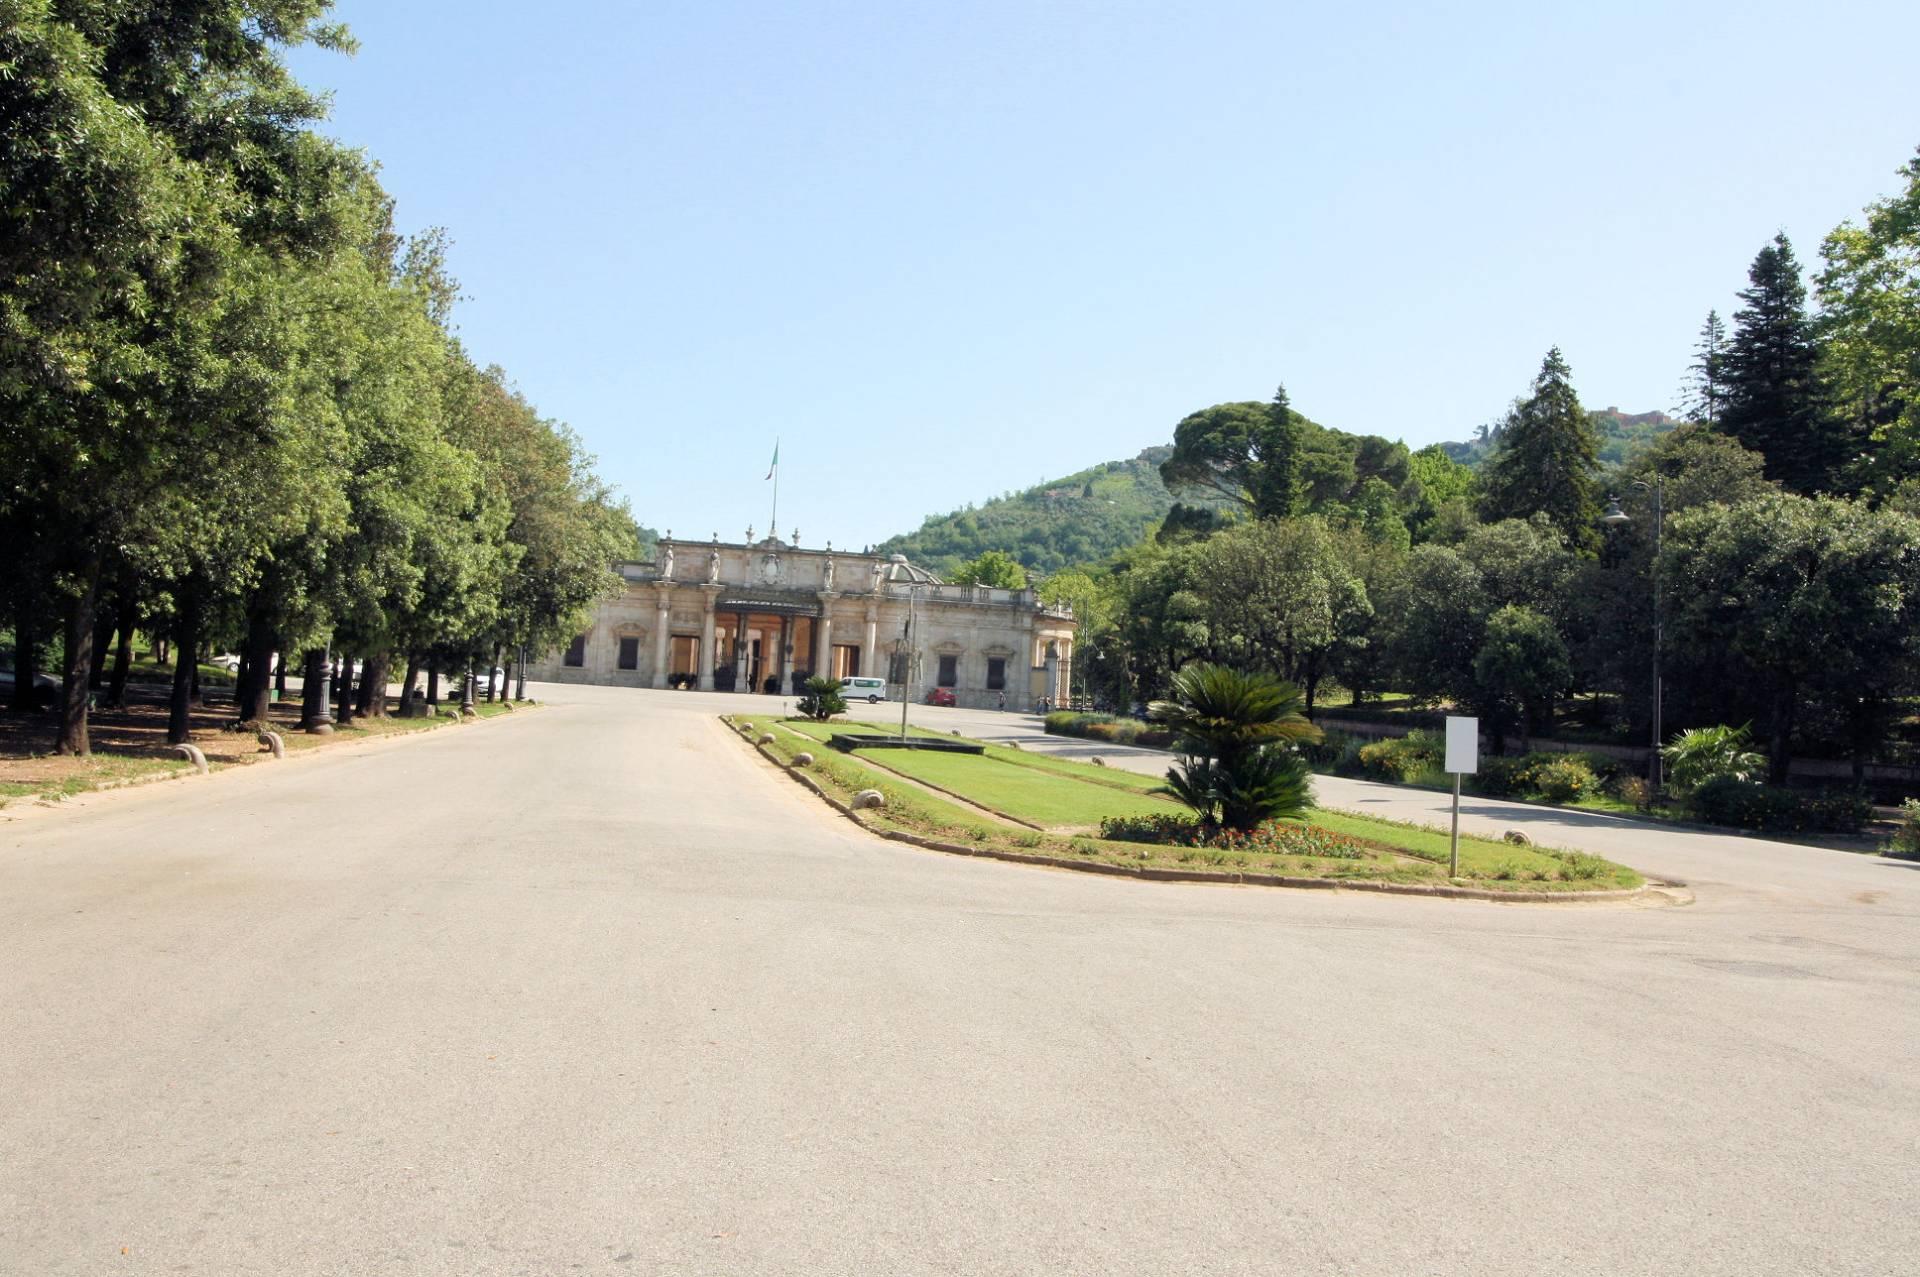 1034-Hotel in posizione centrale-Montecatini-Terme-1 Agenzia Immobiliare ASIP